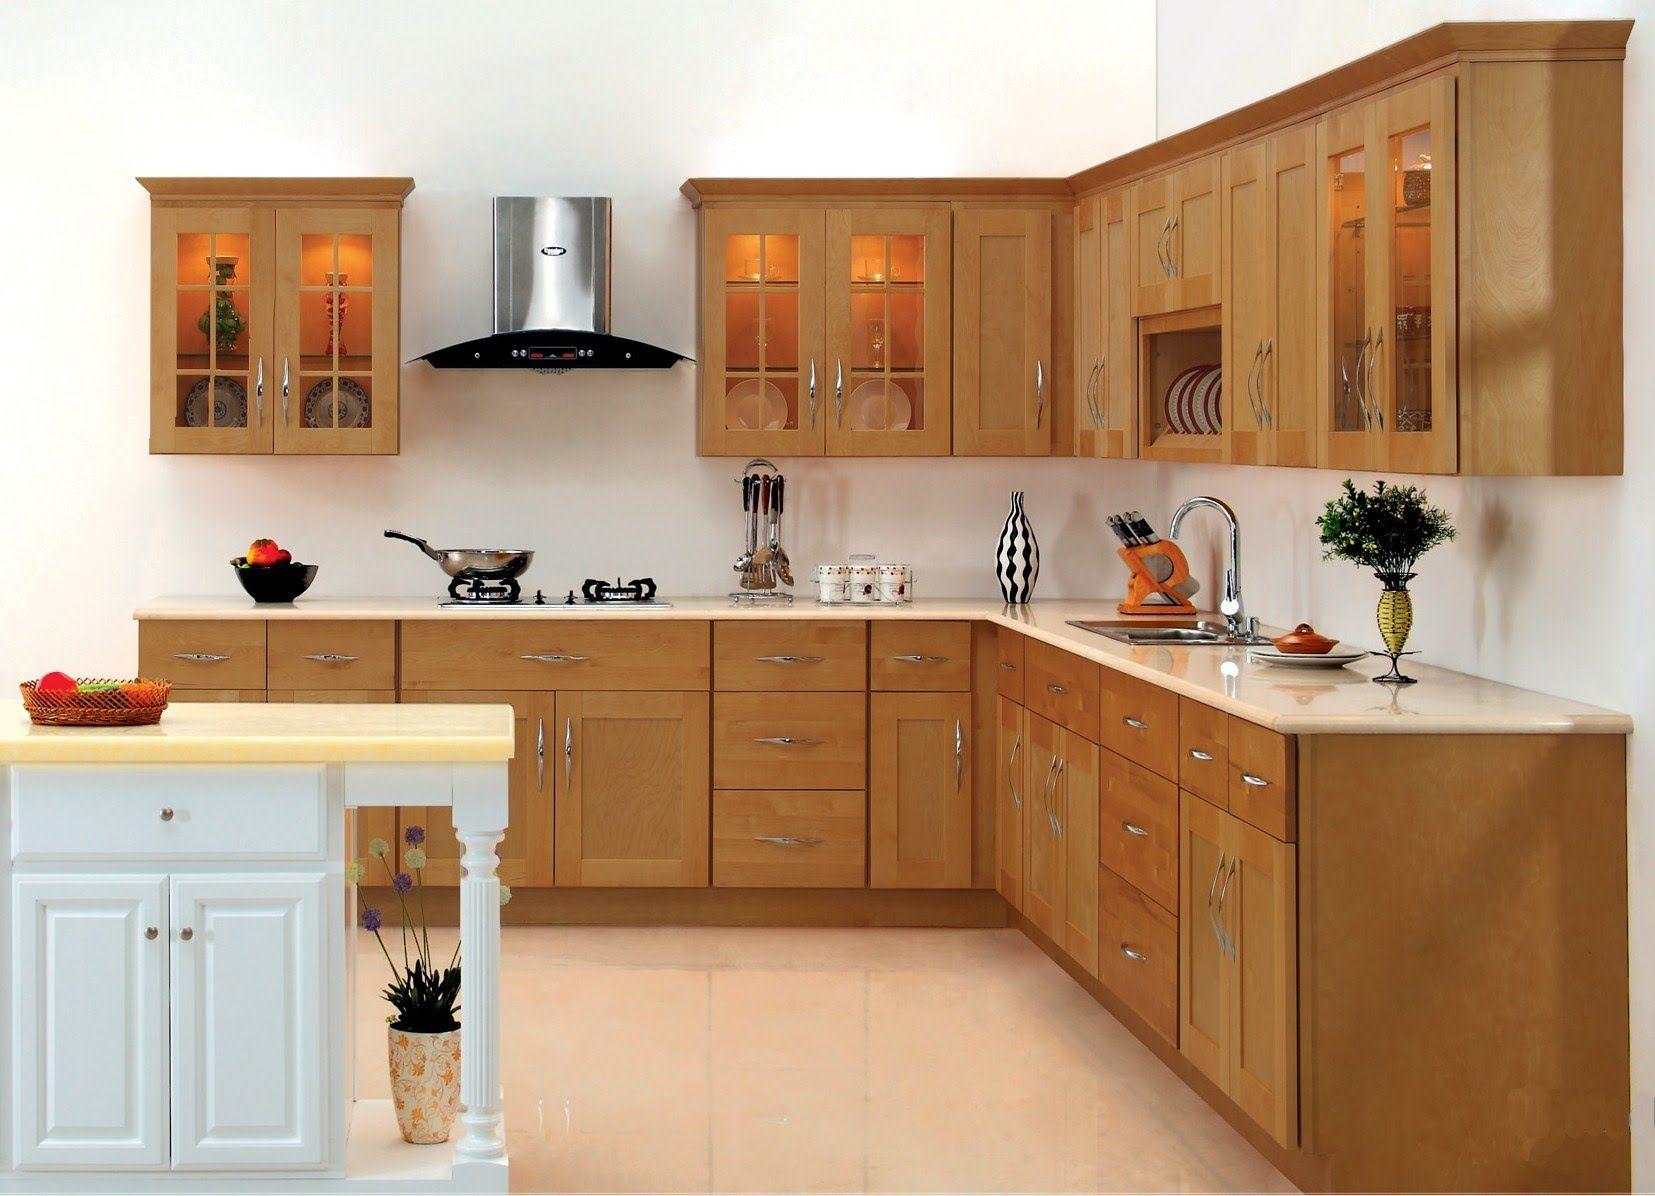 Kitchen Cabinet Design | casas cocinas baños y mucho | Pinterest